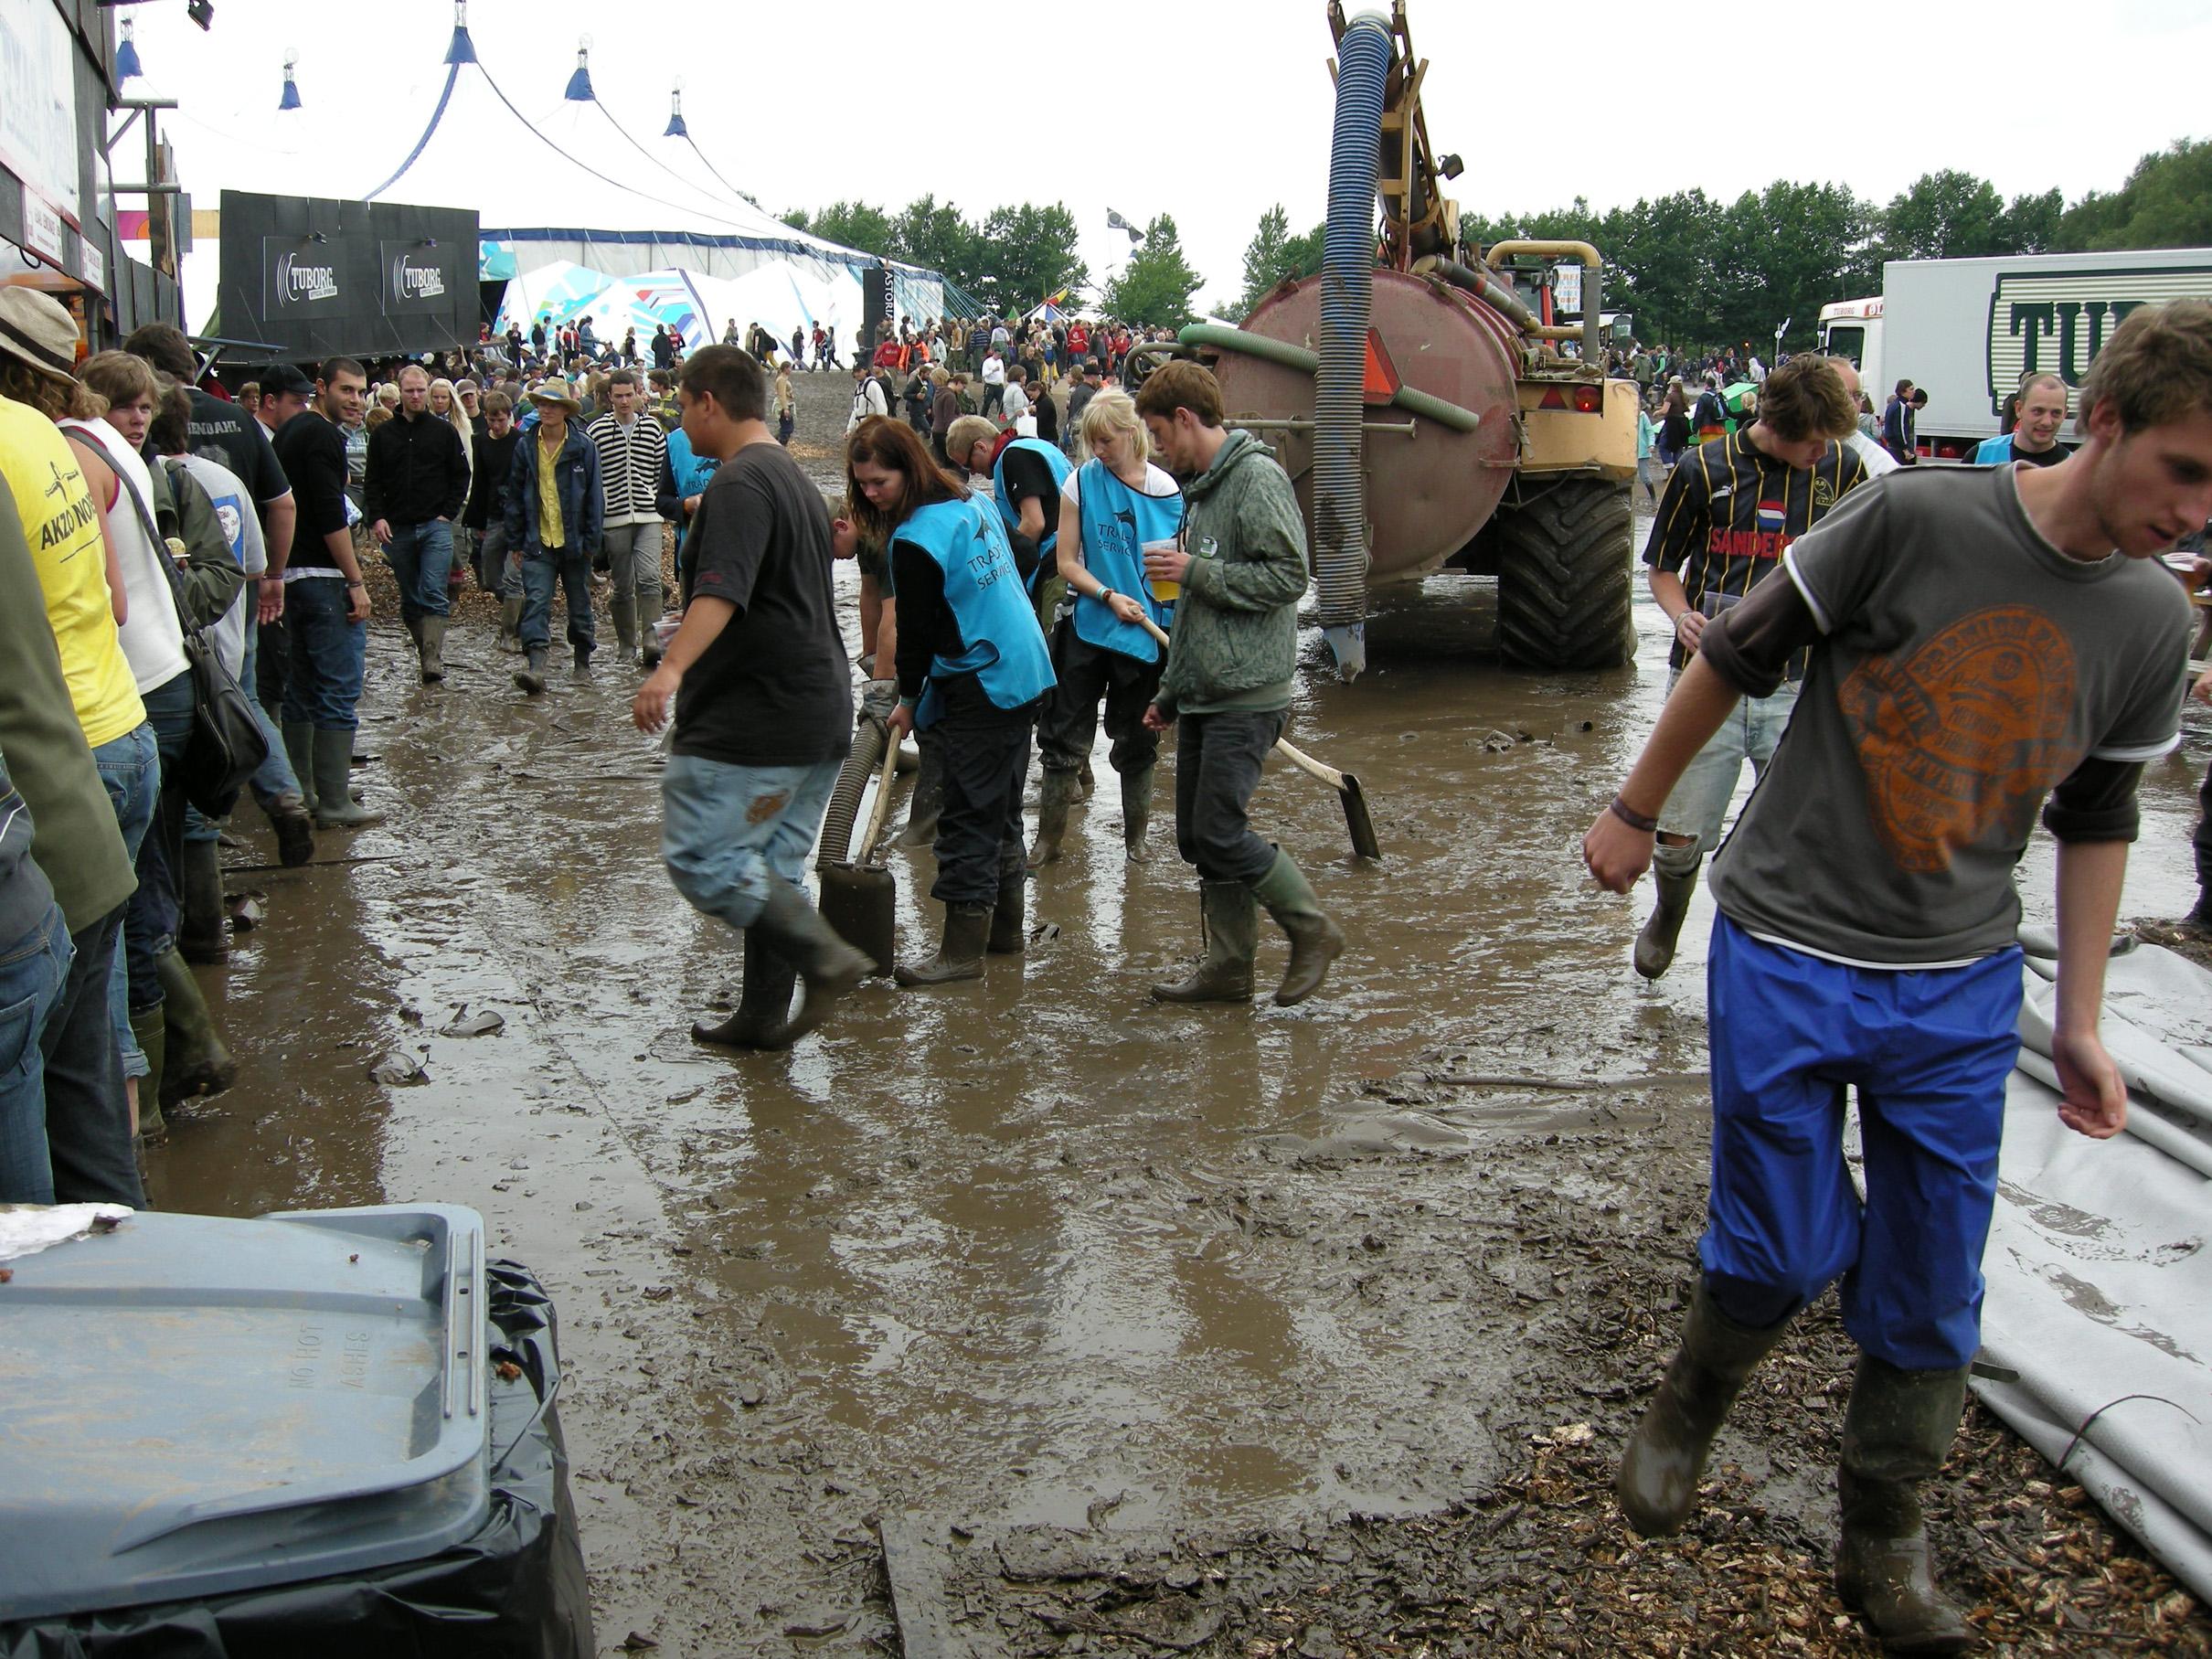 Roskilde-festivalurin 2006 kundi verið fyriboðan um vátari veðurlag.